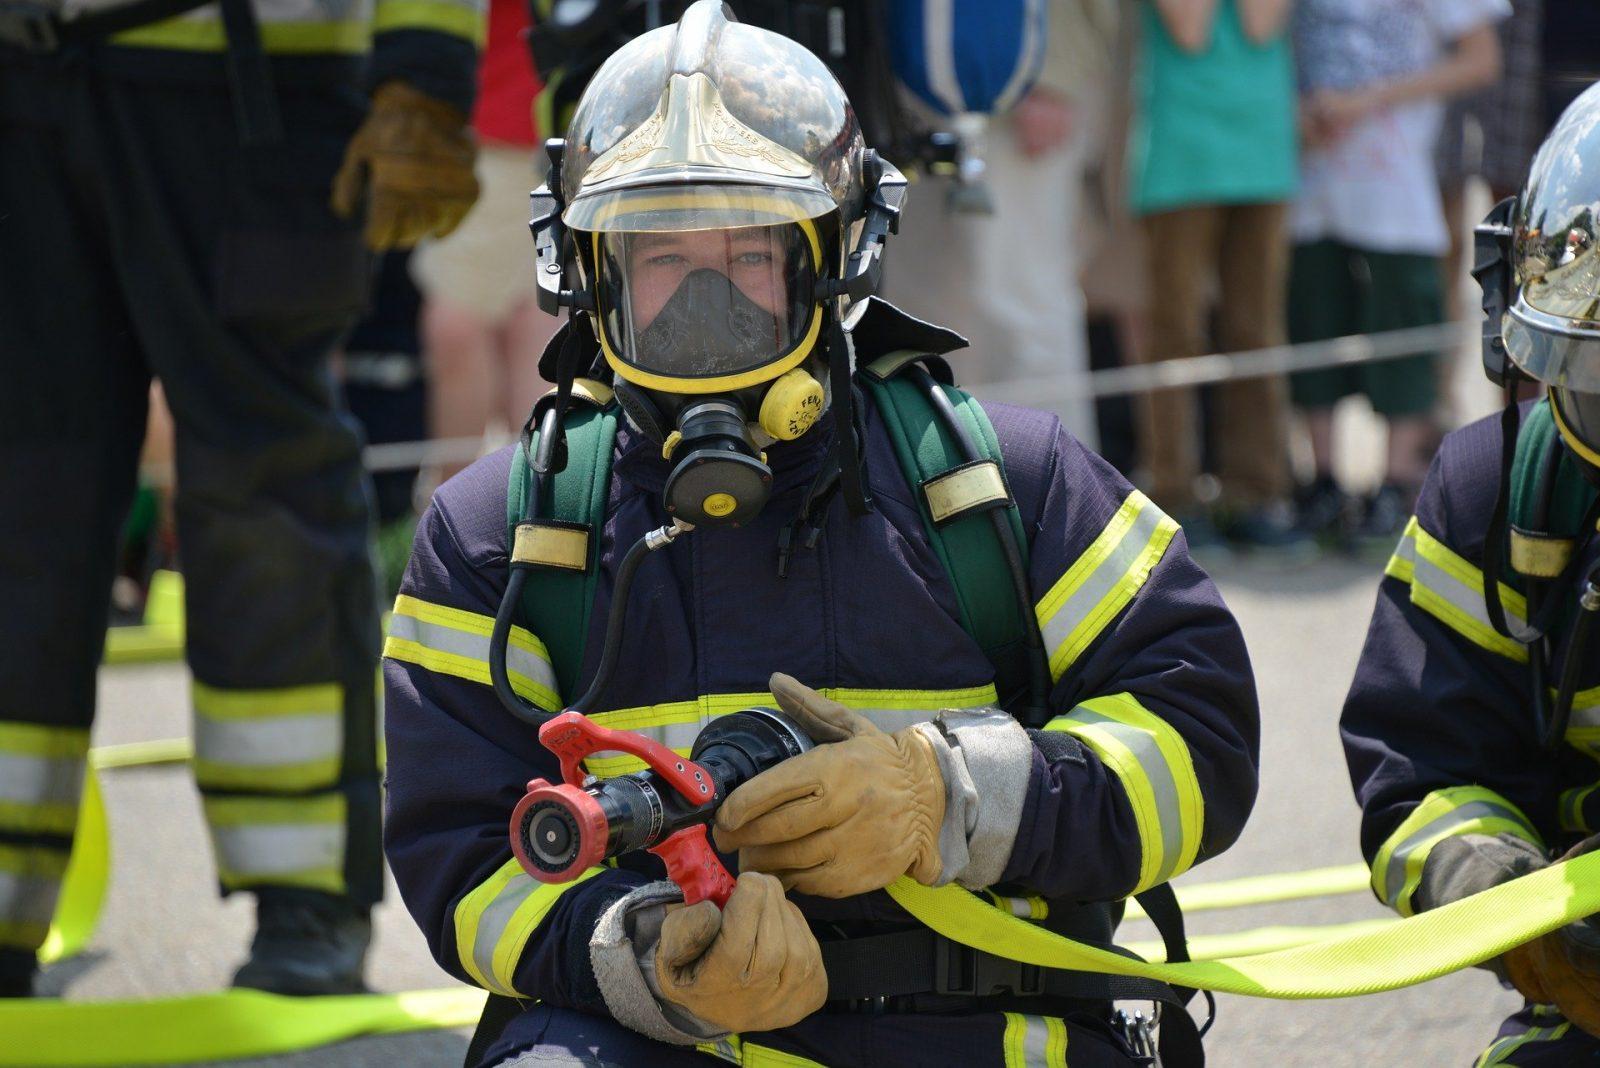 Muitas pessoas esquecem que a prevenção e combate a incêndios deve começar por elas, não deixando tomadas sobrecarregadas ou líquidos inflamáveis perto do fogo.